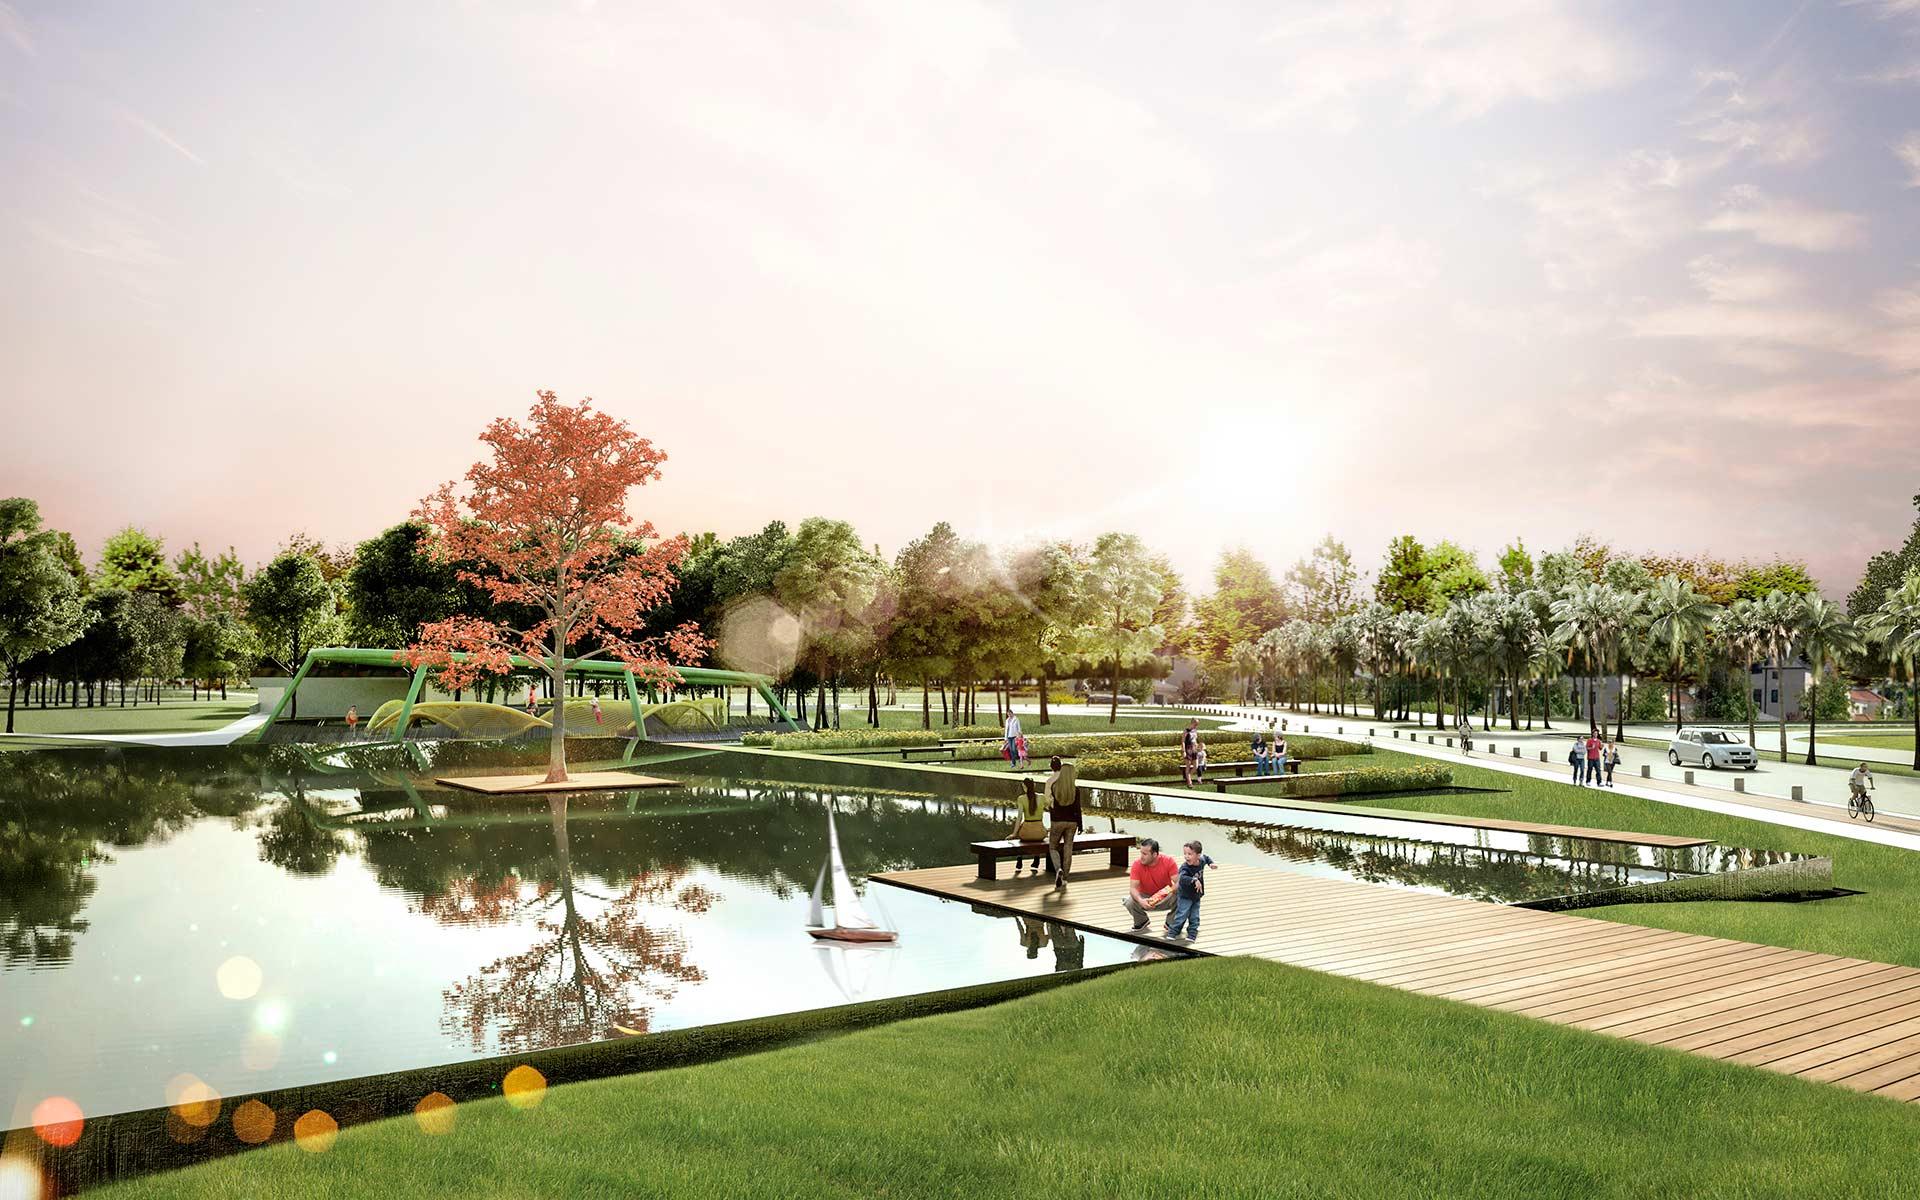 Paisaje Parque del Agua, y boulevard de acceso en Miraflores Country Club